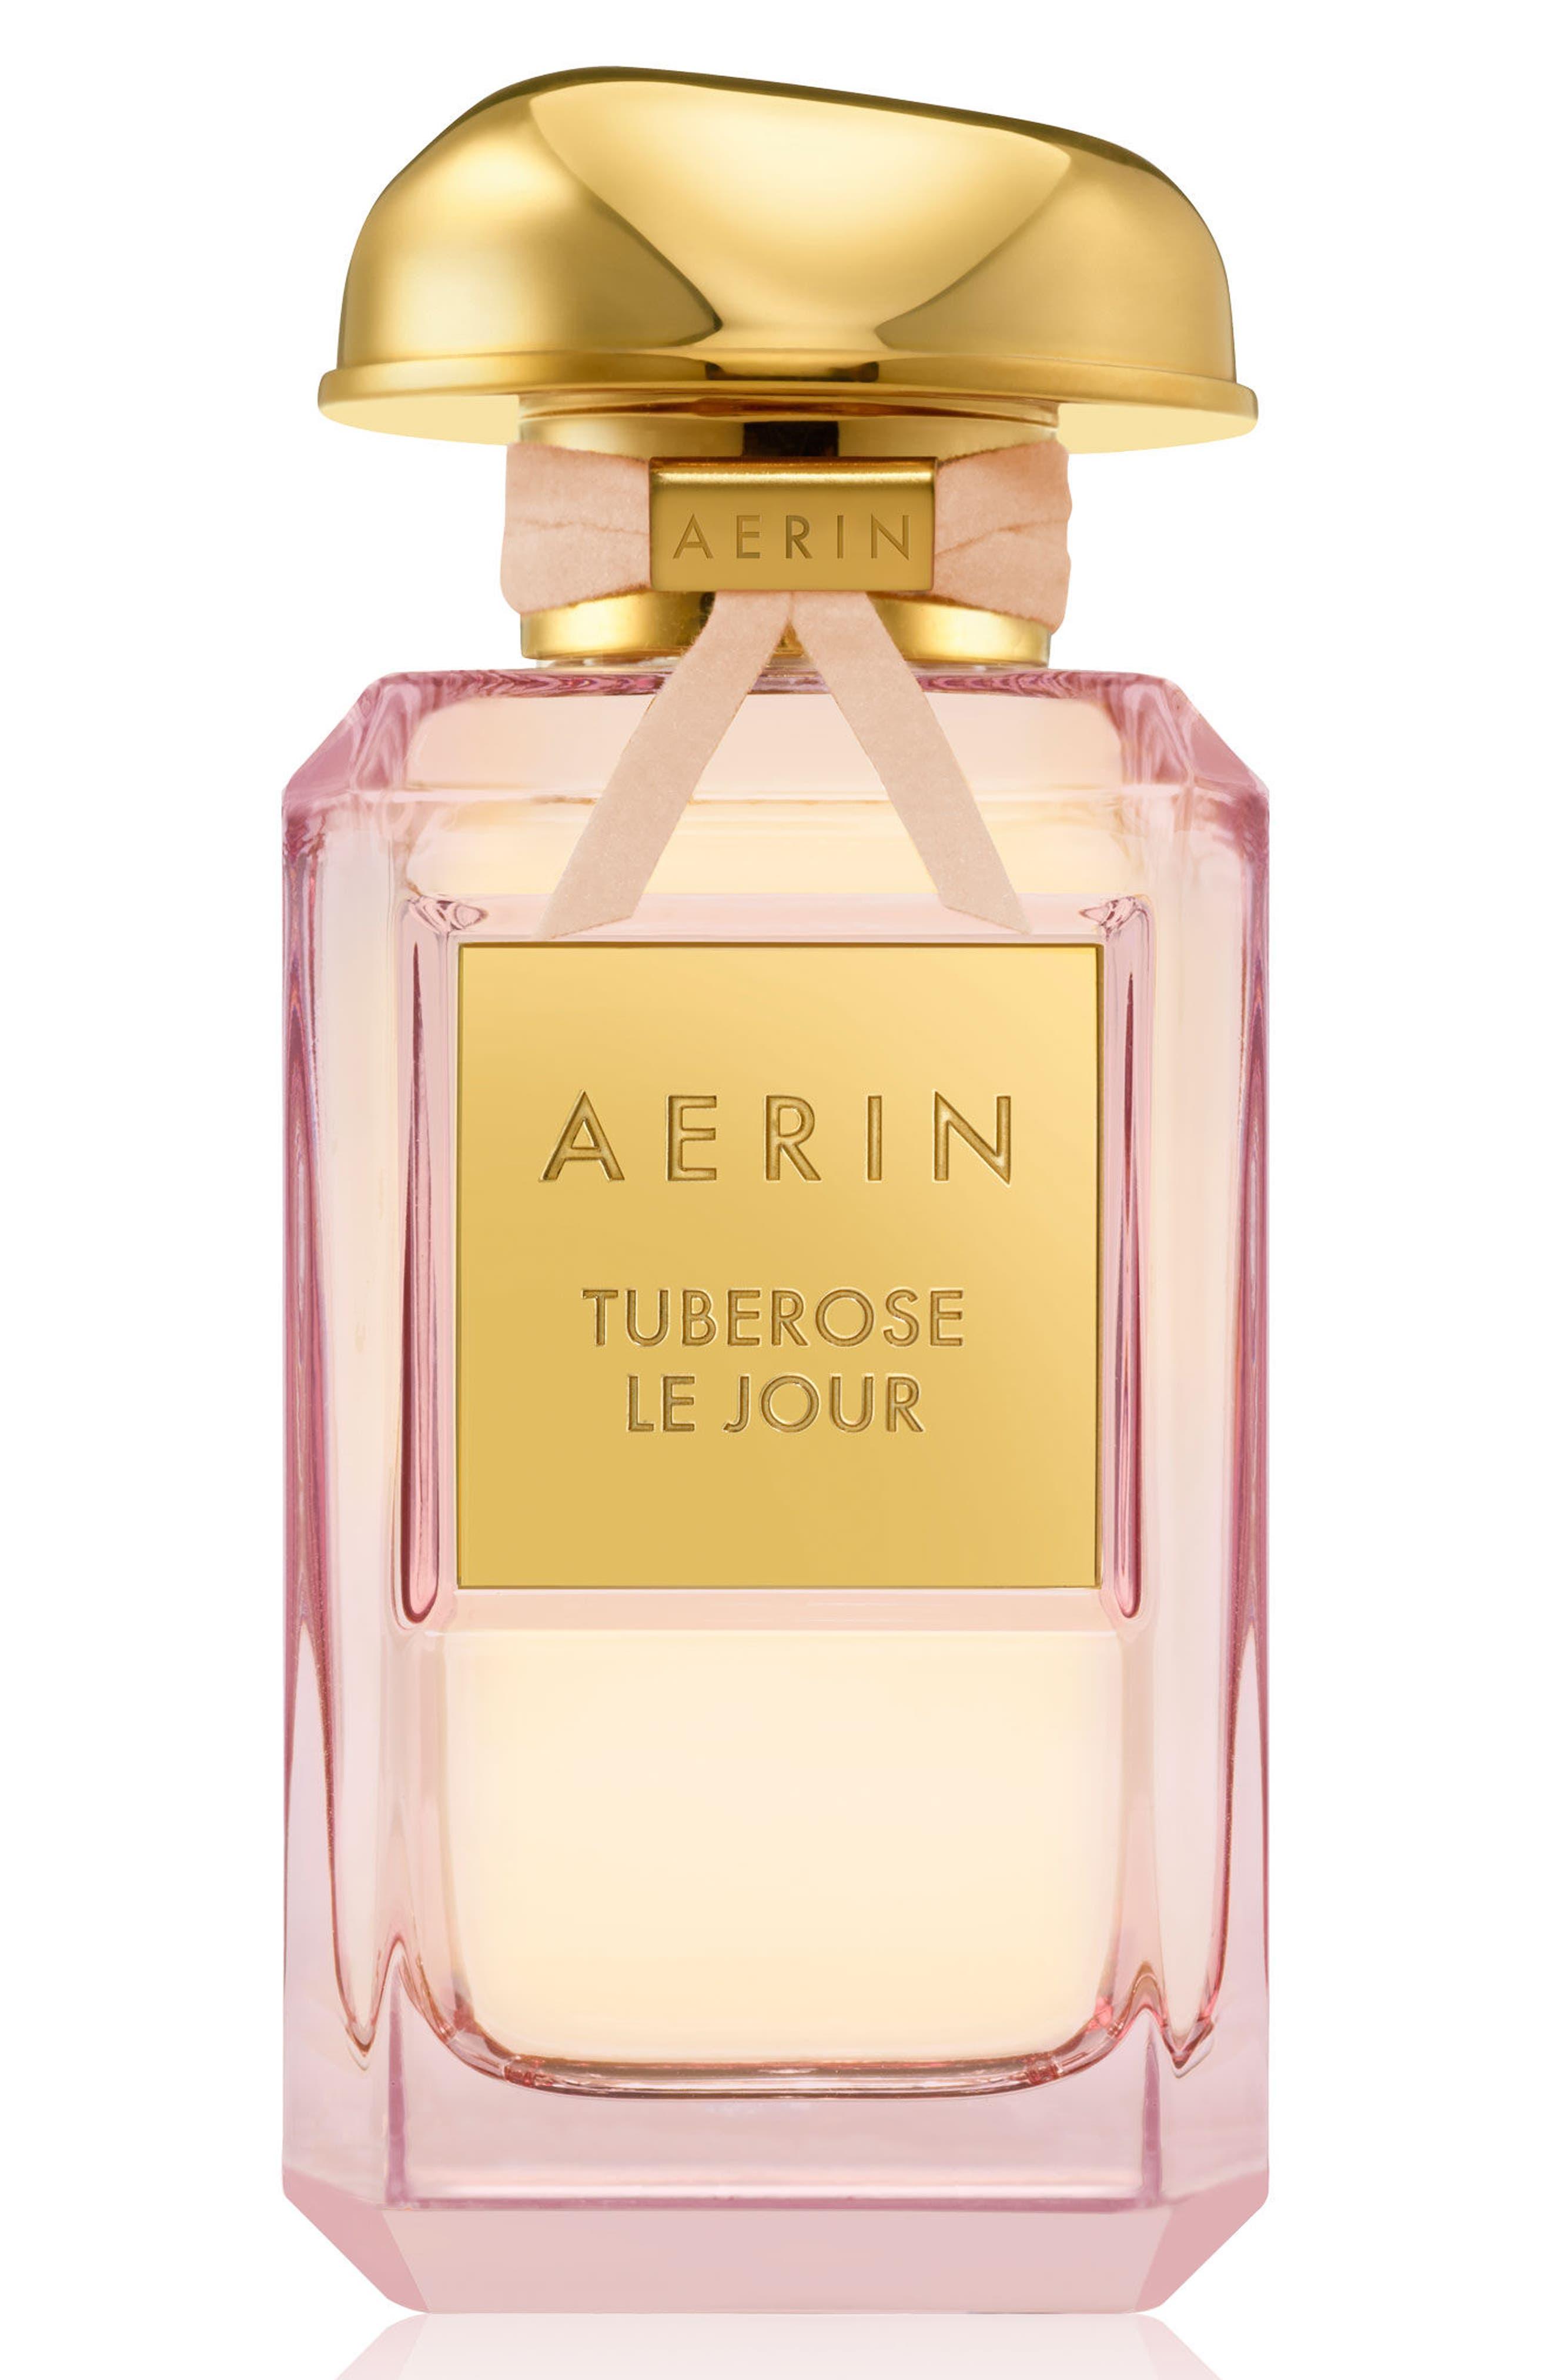 Aerin Beauty Tuberose Le Jour Parfum